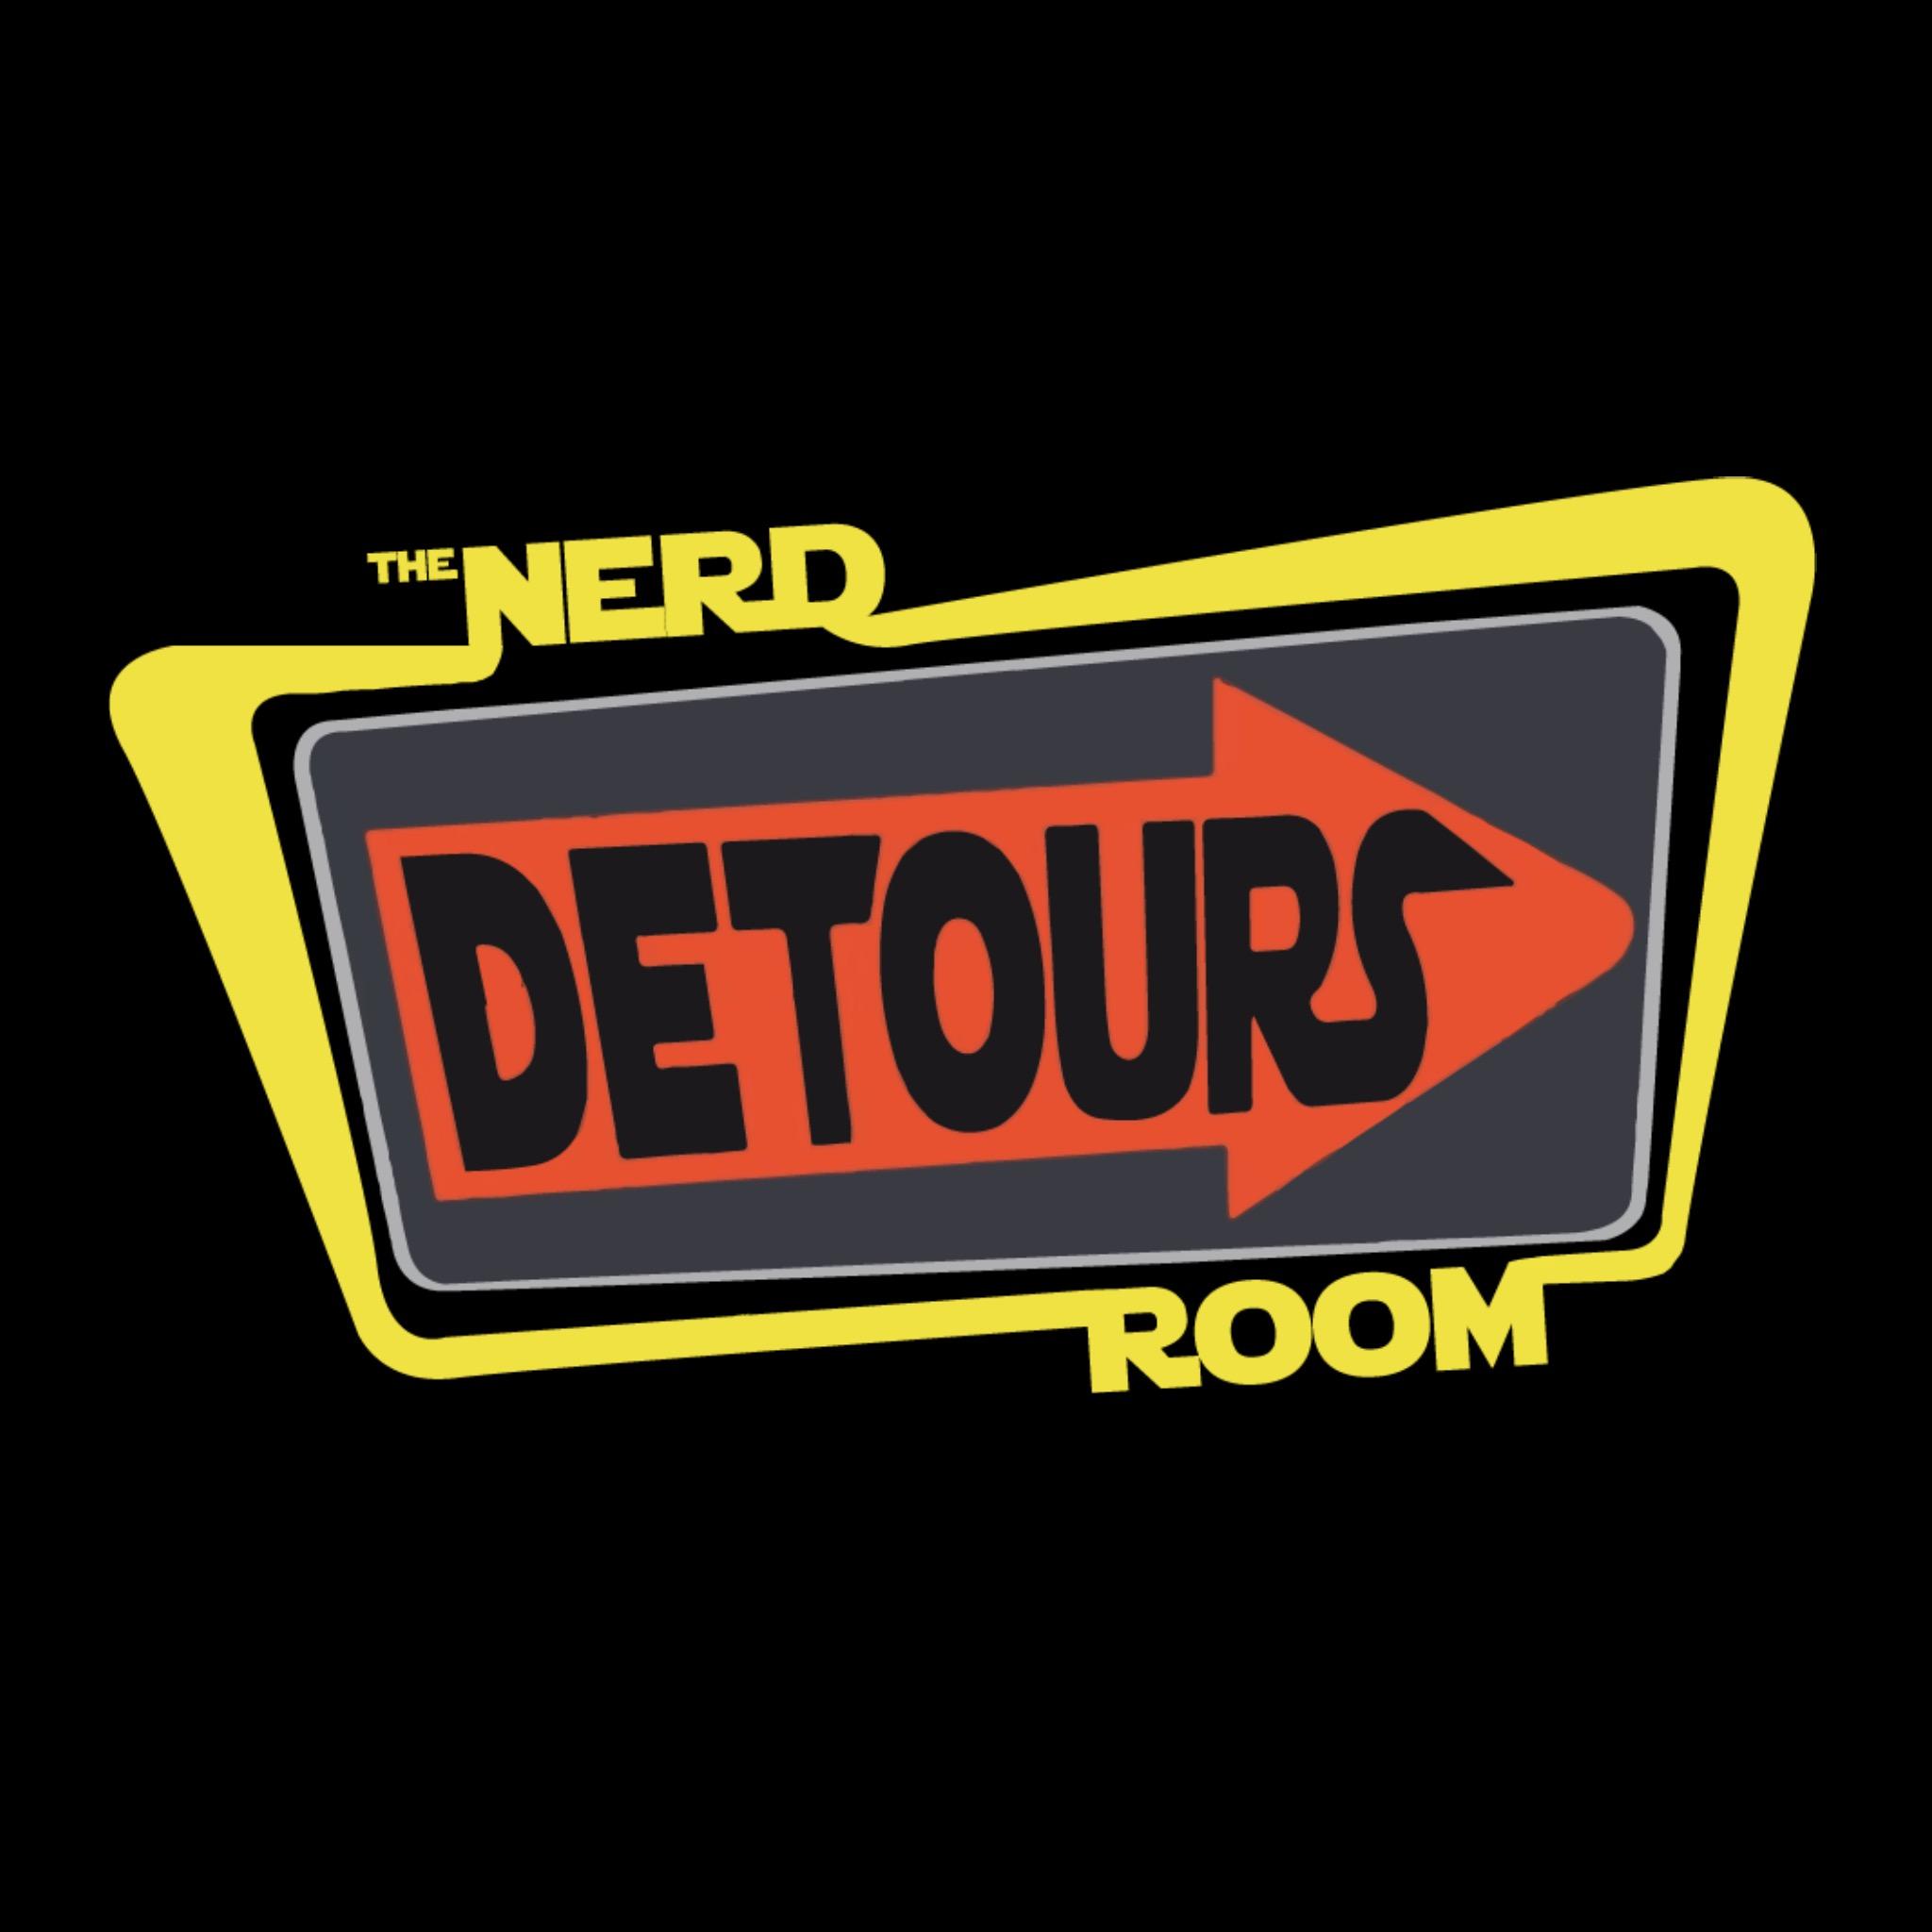 TNR Detours - Episdoe #1 Art - Square1.jpg